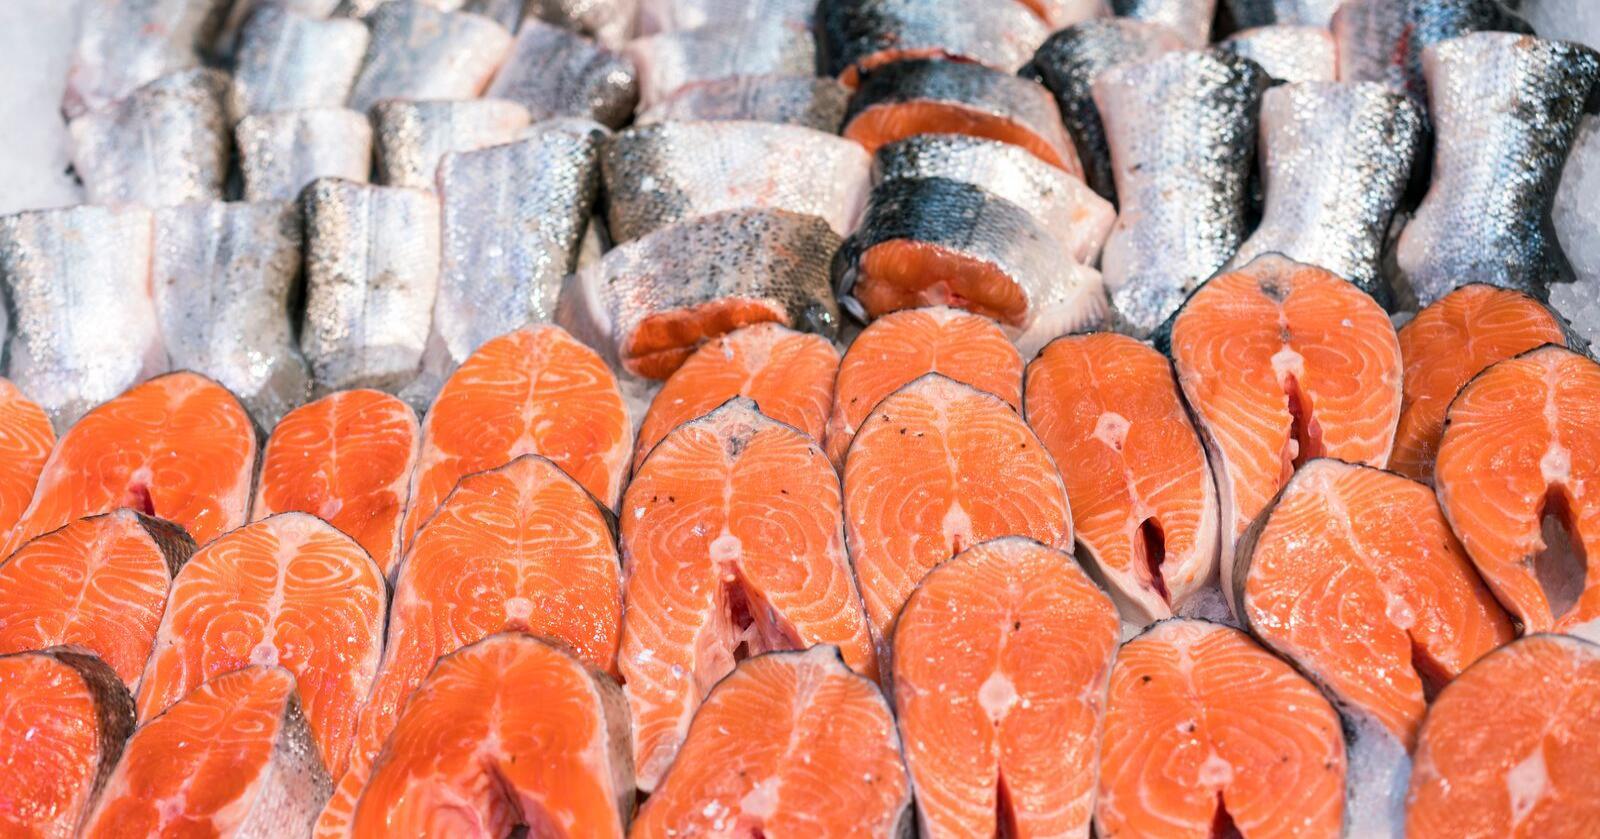 Den egentlige fiskeriskandalen er at vi som jobber i næringa ikke har vært dyktige nok til å fortelle den fantastiske historien om norsk villfisknæring, skriver innsenderen. Foto: Mostphotos